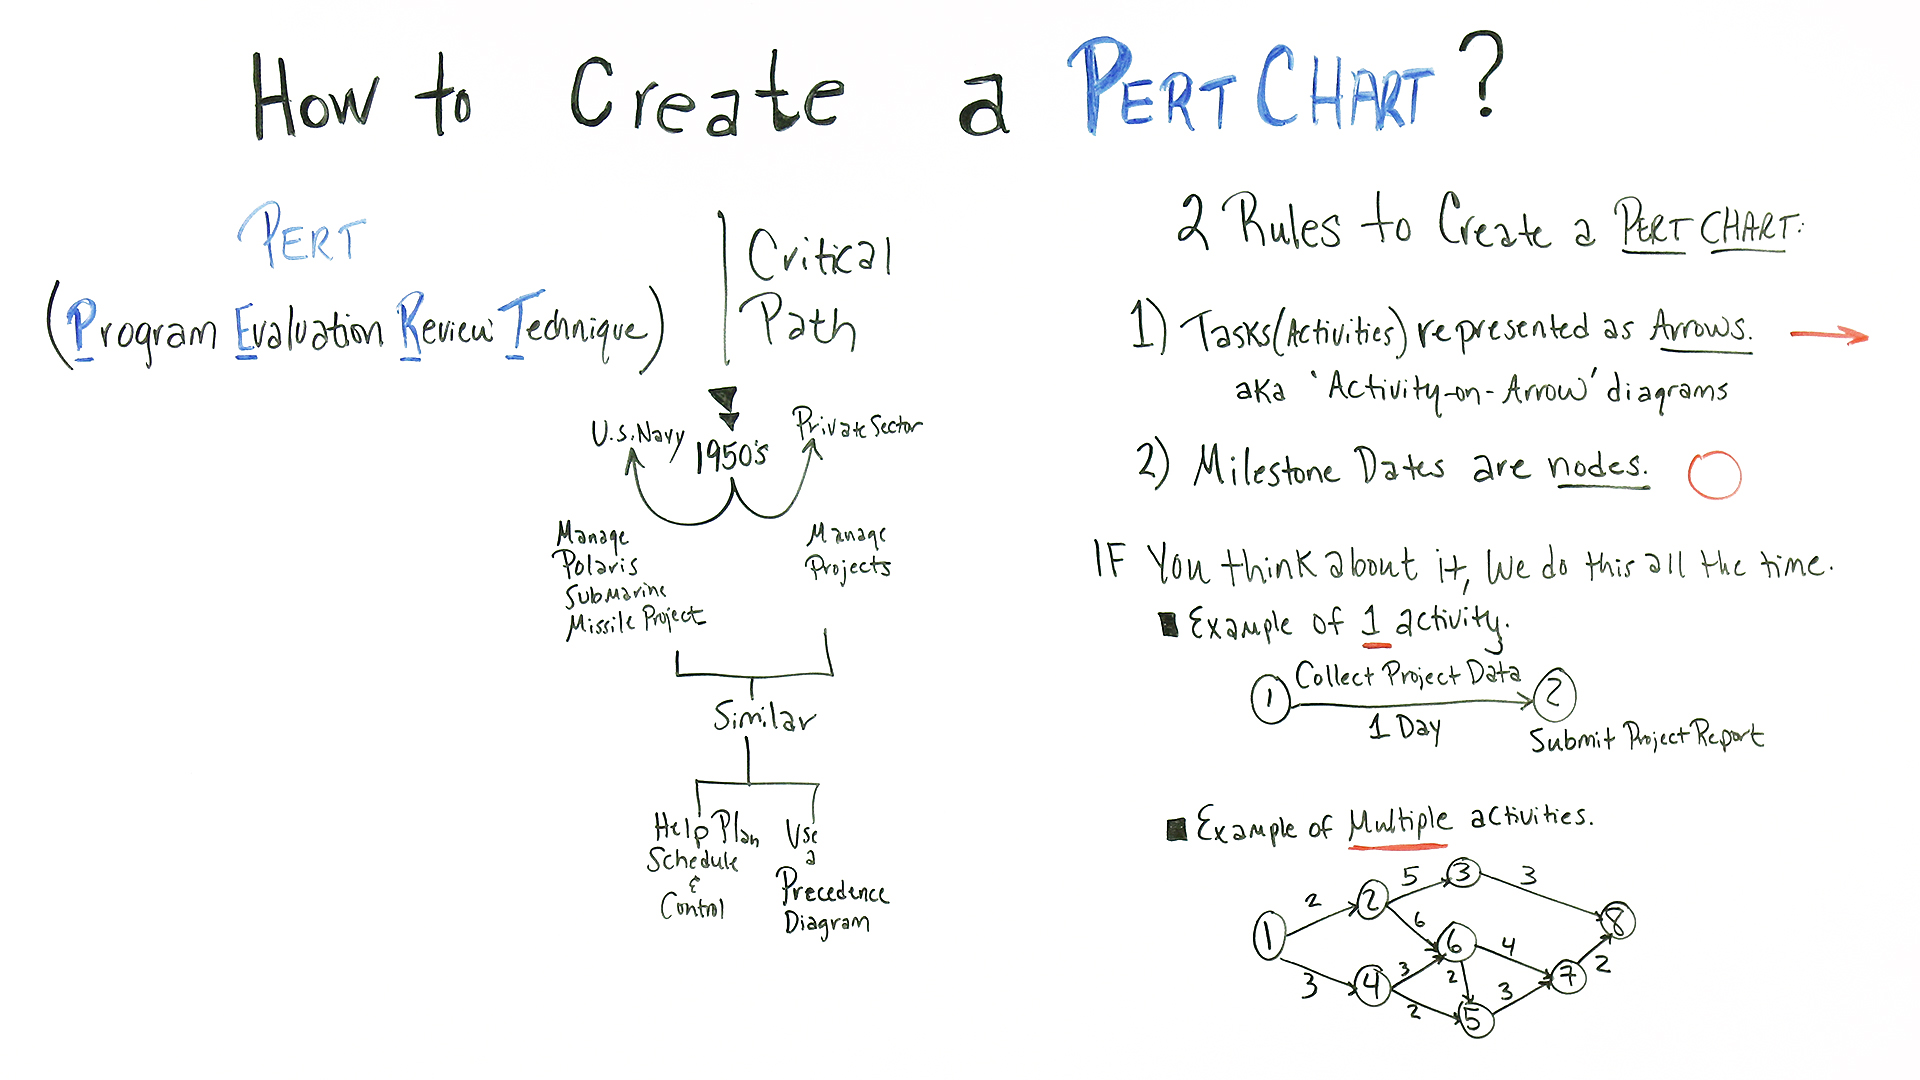 Cómo crear un gráfico PERT [19659060] Cómo crear un gráfico PERT